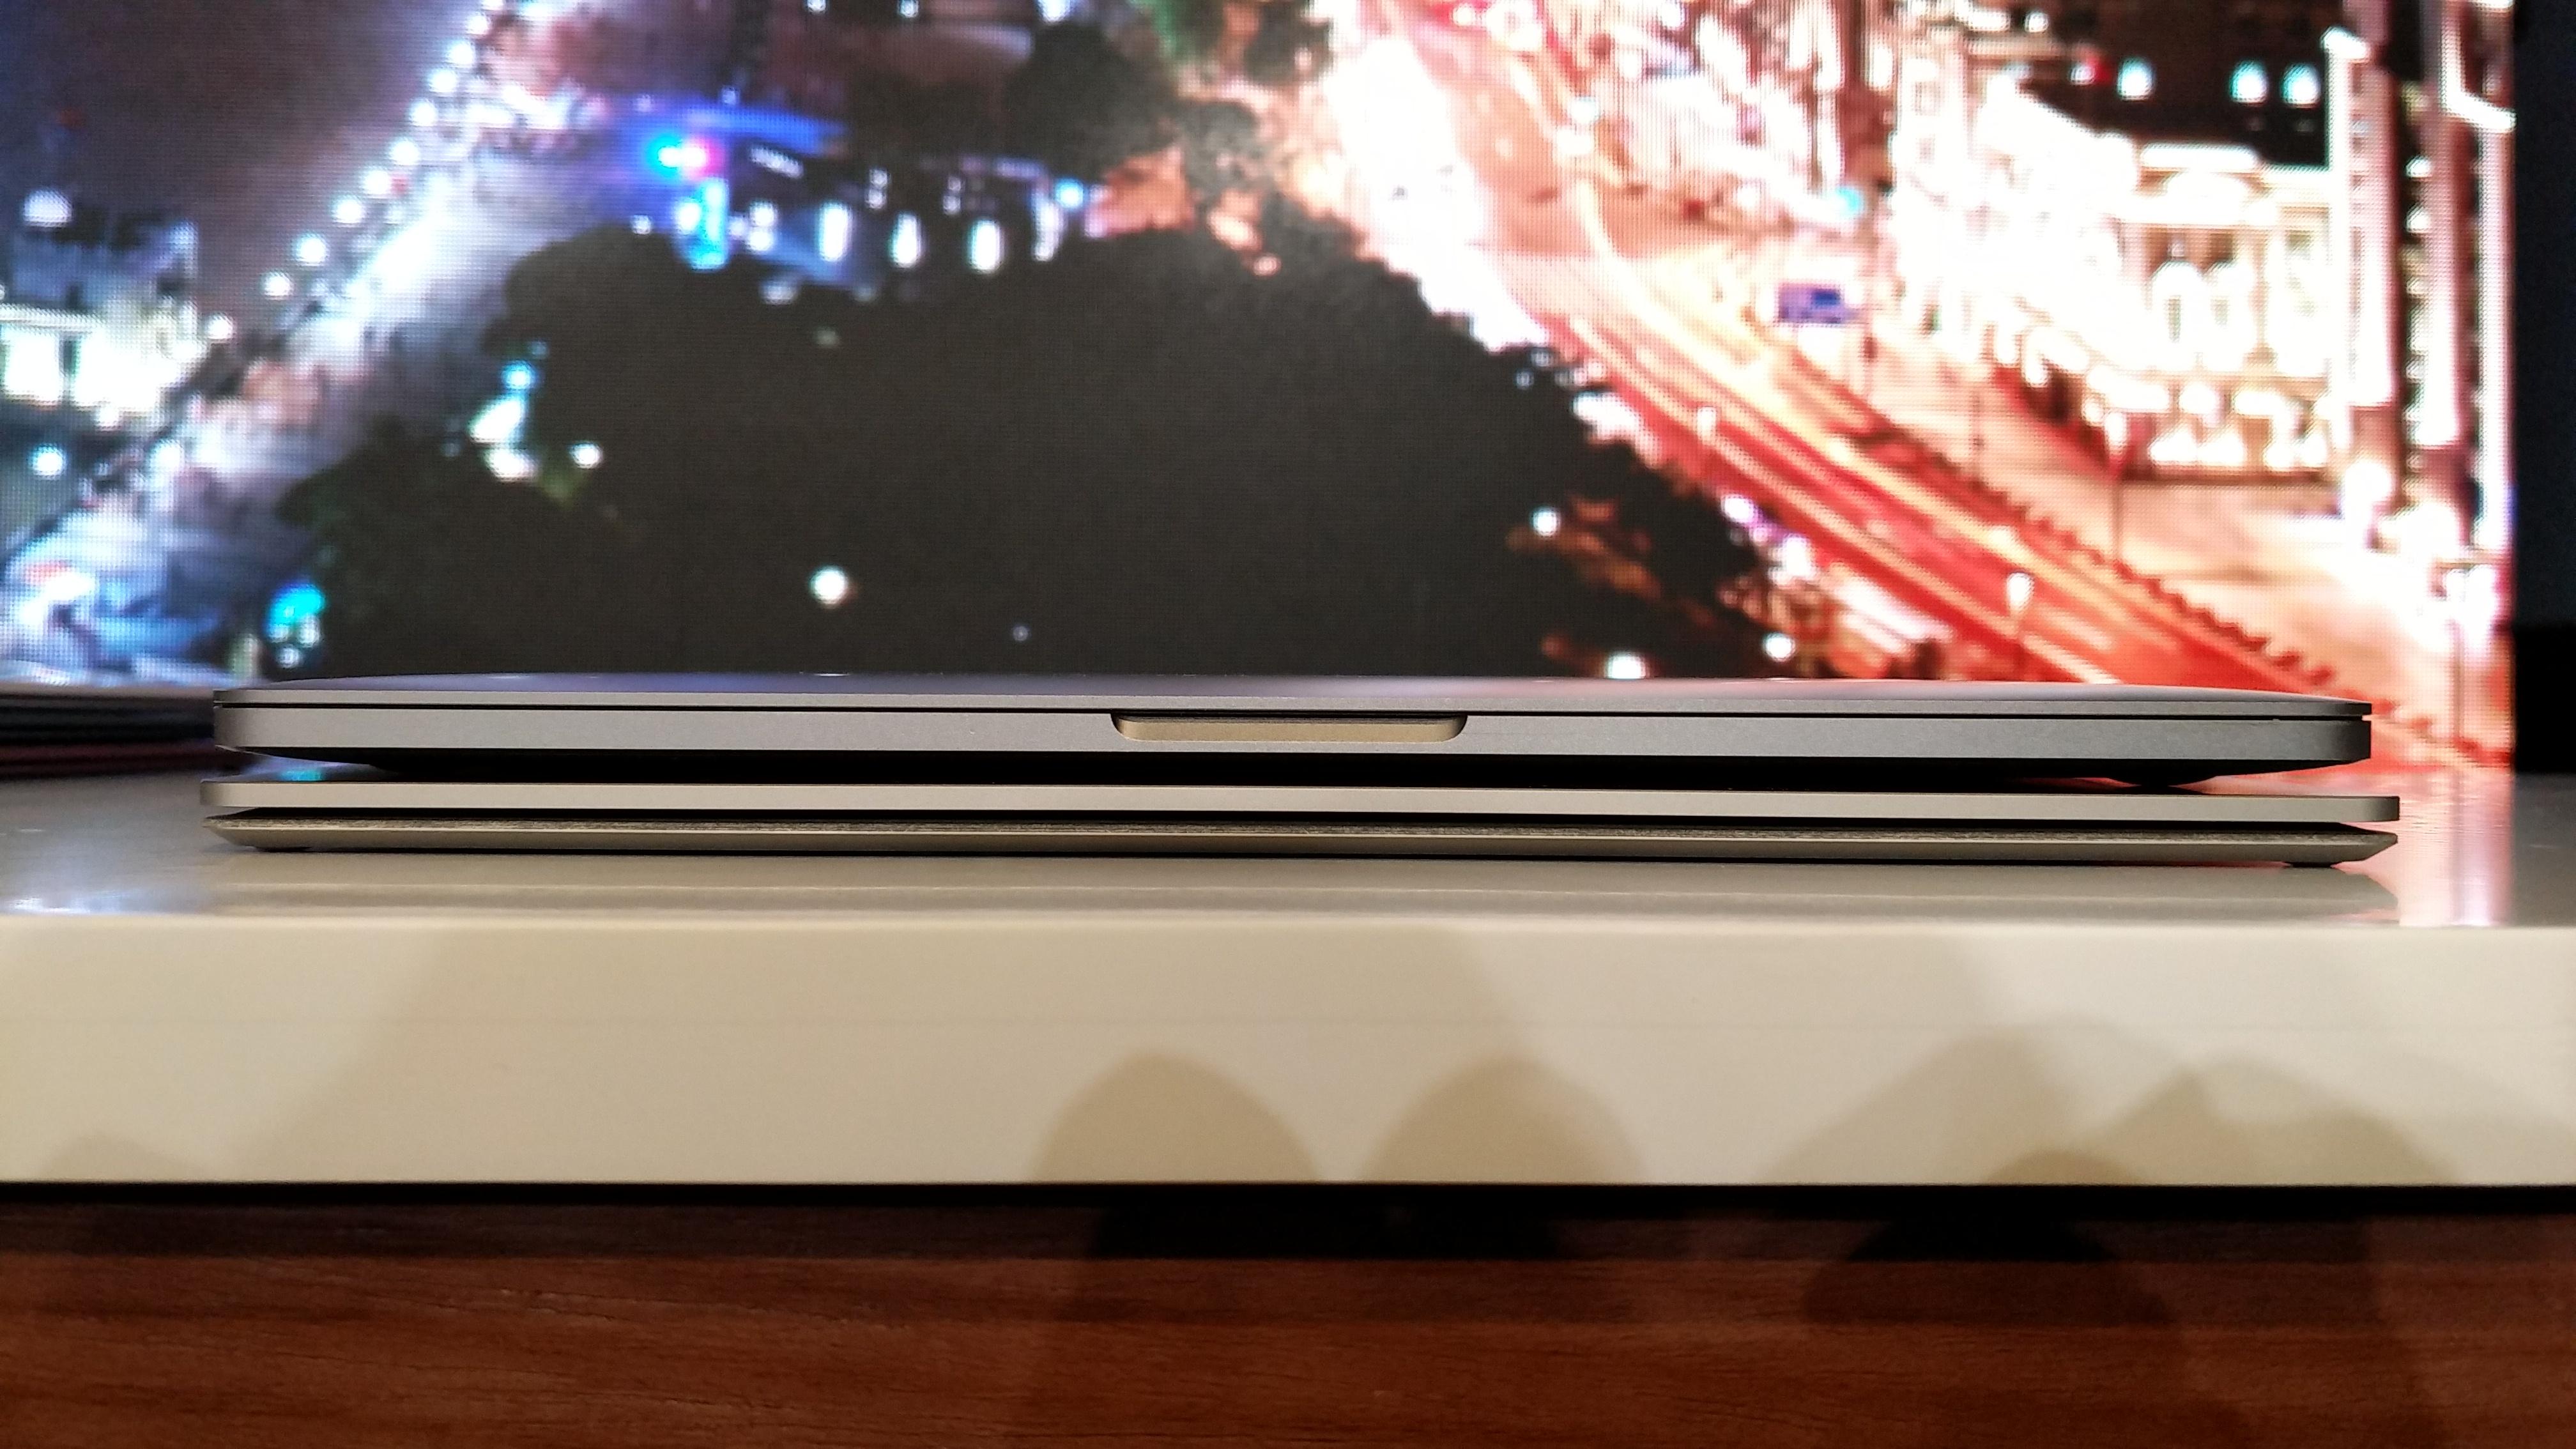 微软Laptop对比苹果新款MacBook,你会选择谁?的照片 - 12